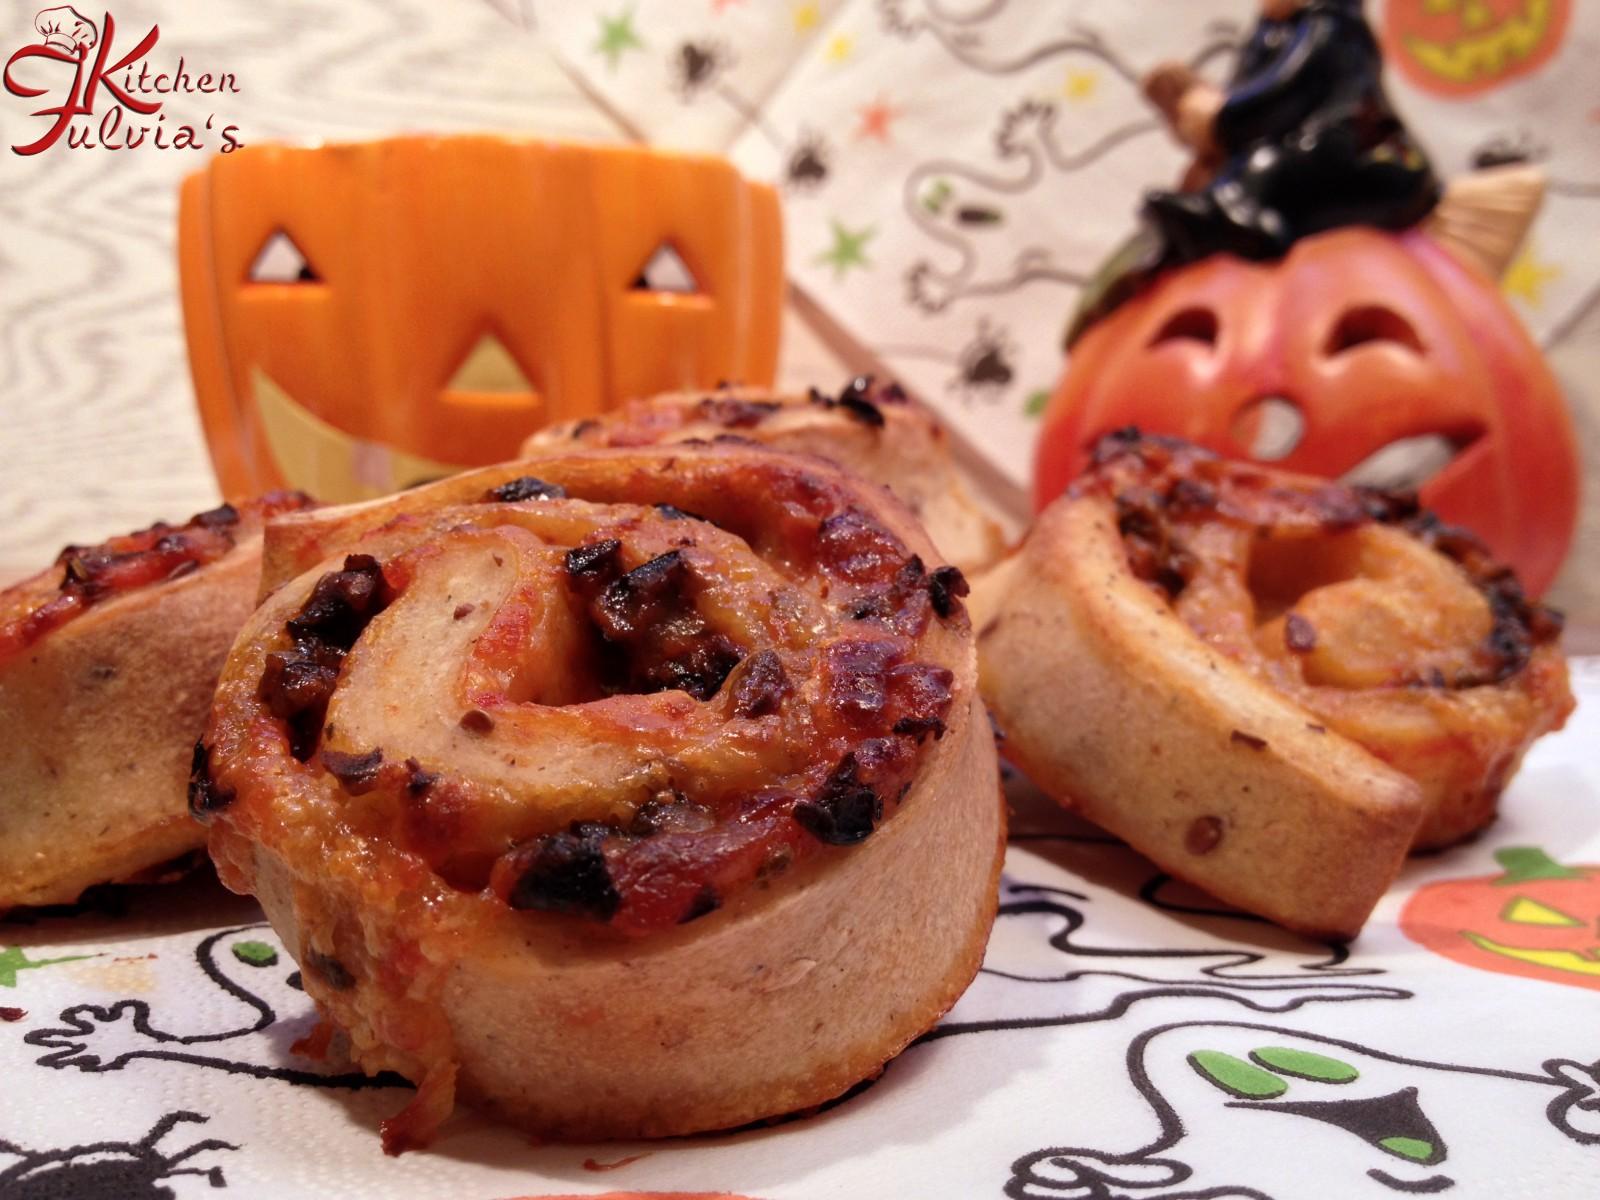 Girelle di pizza per Halloween con pasta madre